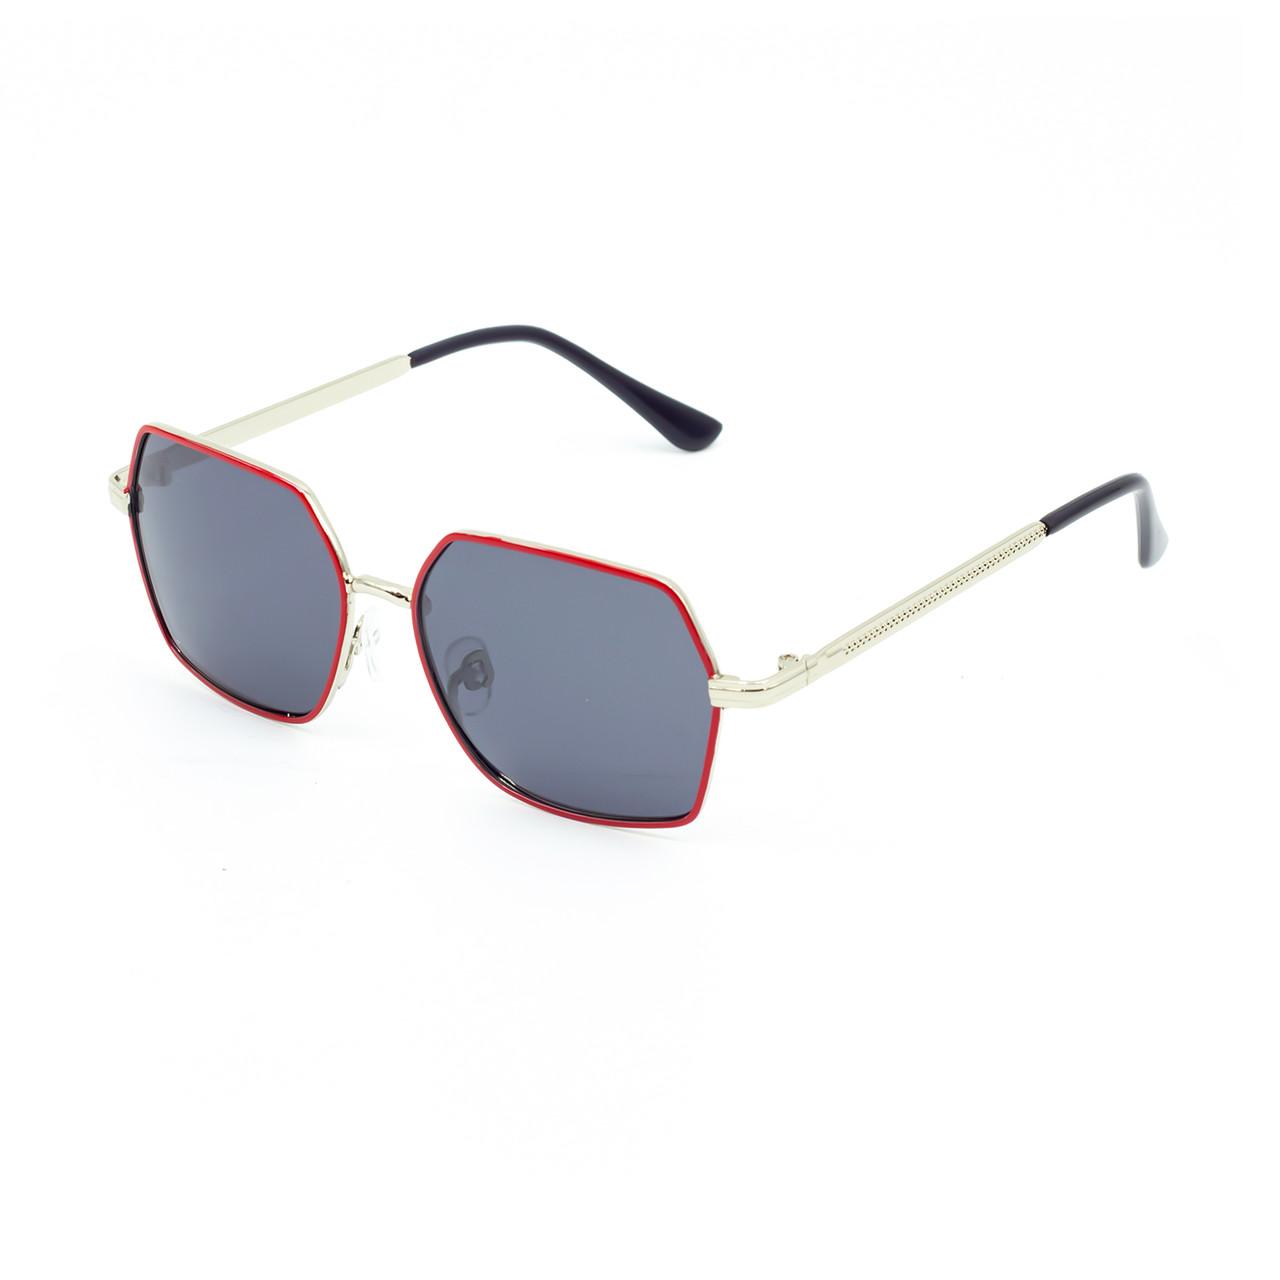 Солнцезащитные очки Marmilen 1029 C5 красный     ( 1029-05 )